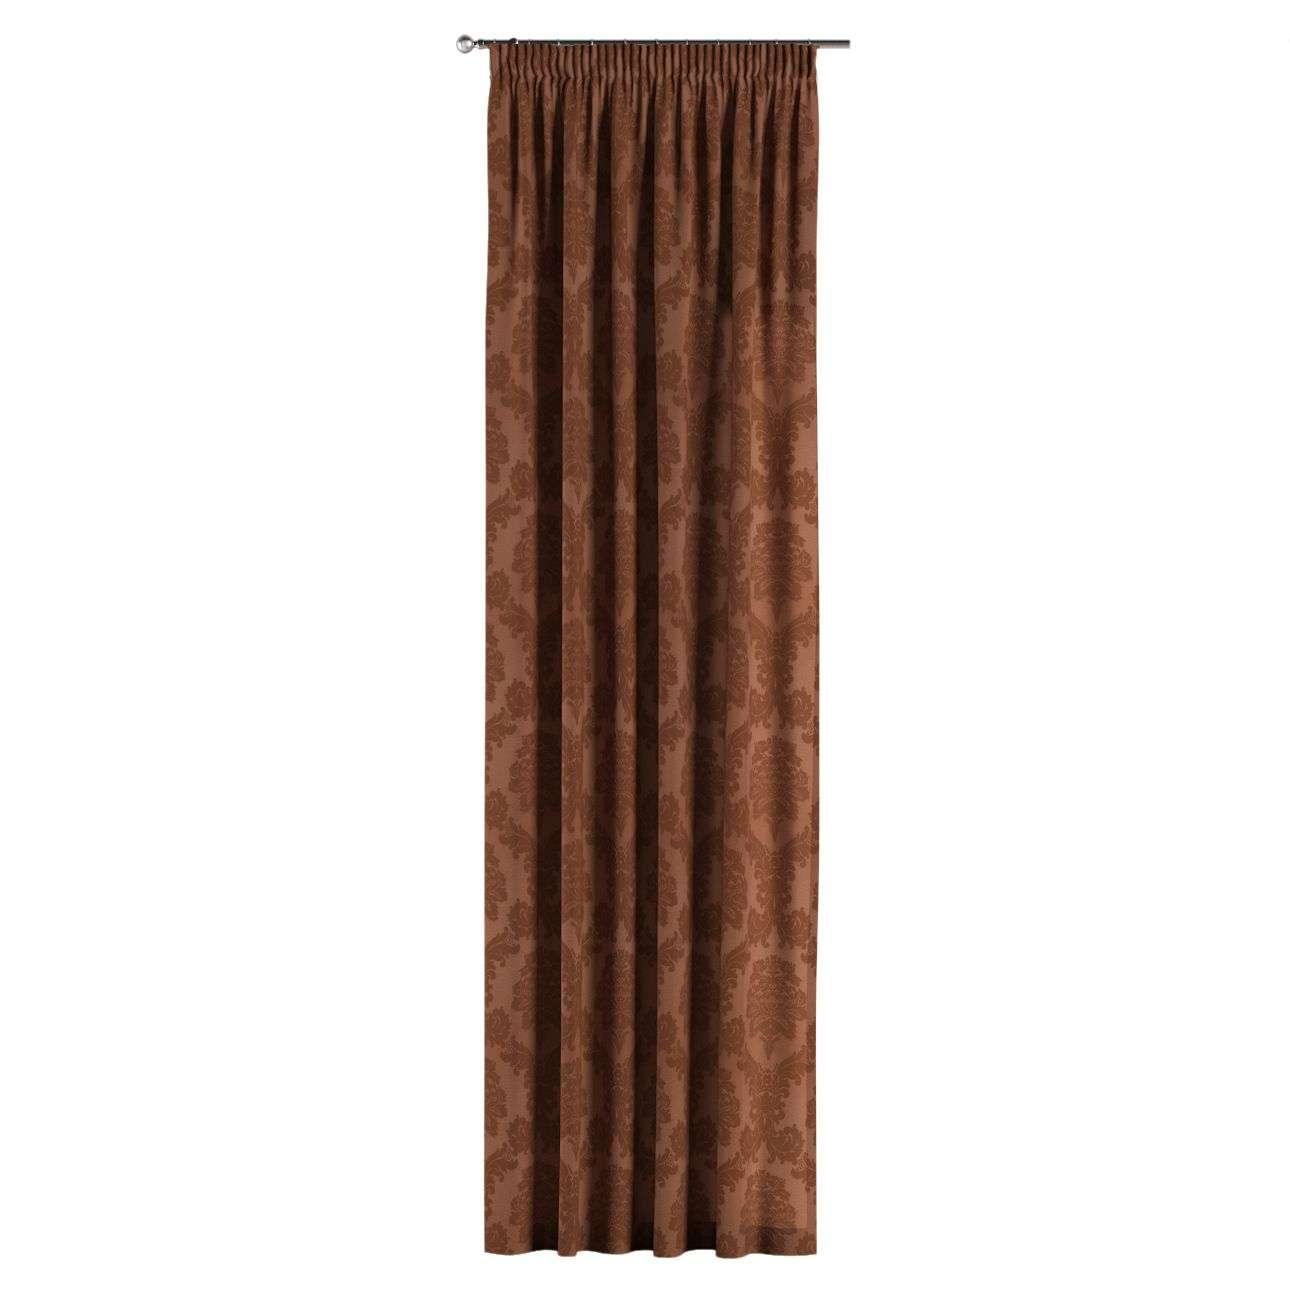 Gardin med rynkebånd 130 × 260 cm fra kollektionen Damasco, Stof: 613-88